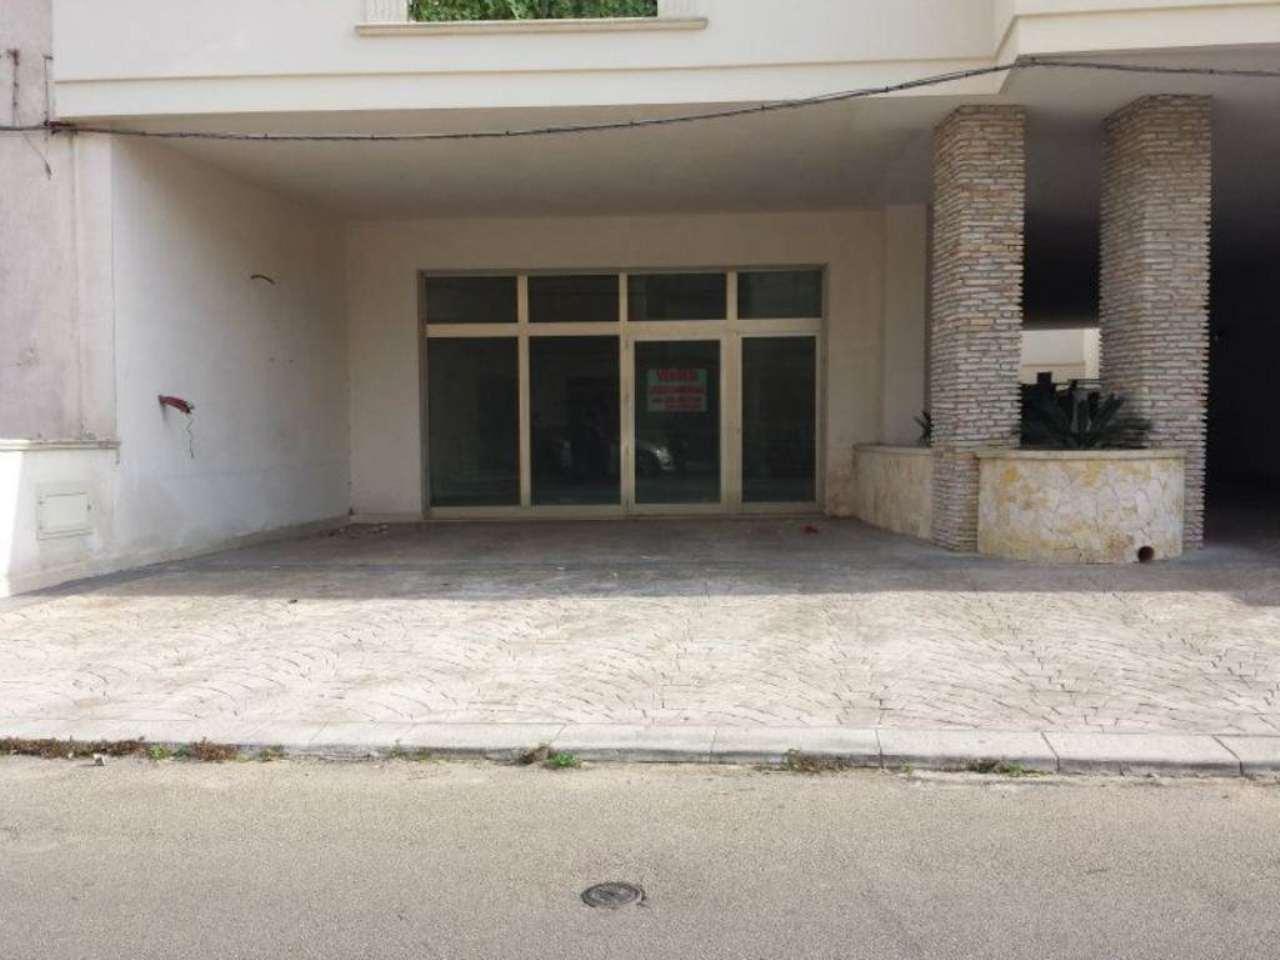 Negozio / Locale in vendita a Copertino, 1 locali, prezzo € 120.000 | CambioCasa.it